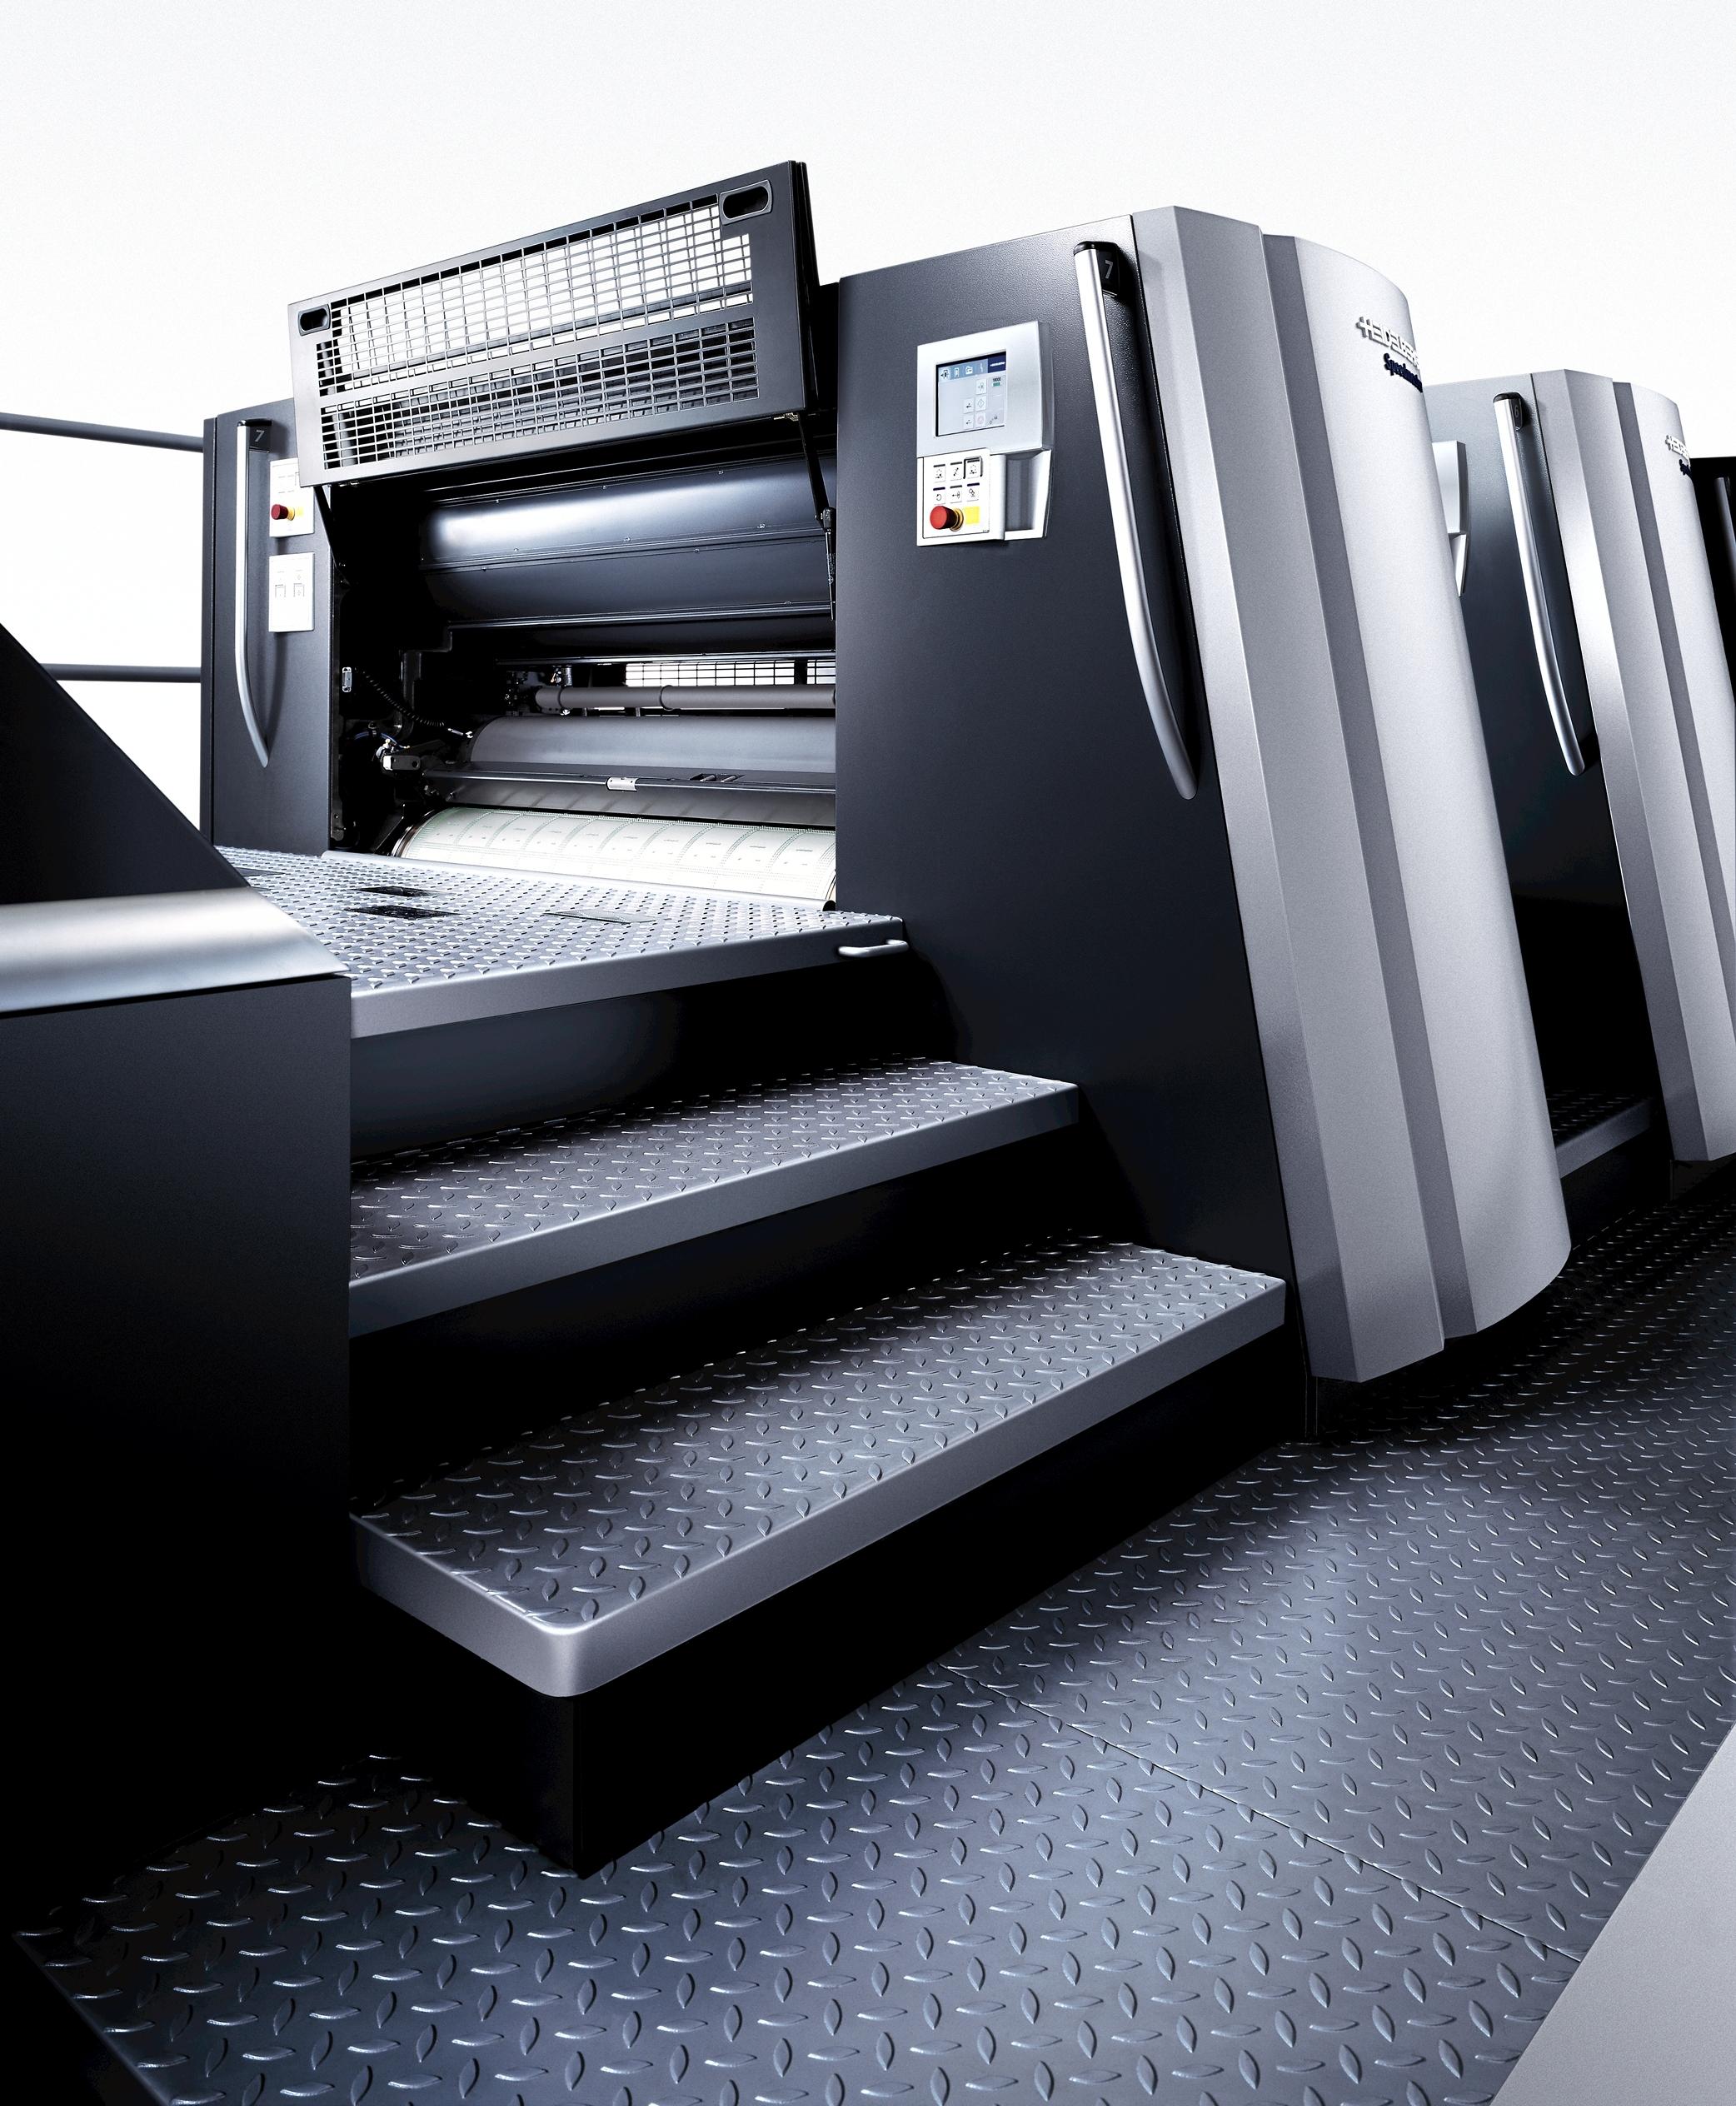 È in produzione presso Colorart di Rodengo Saiano Brescia, la Heidelberg Speedmaster XL 106 5 LX3 con tecnologia UV LE.